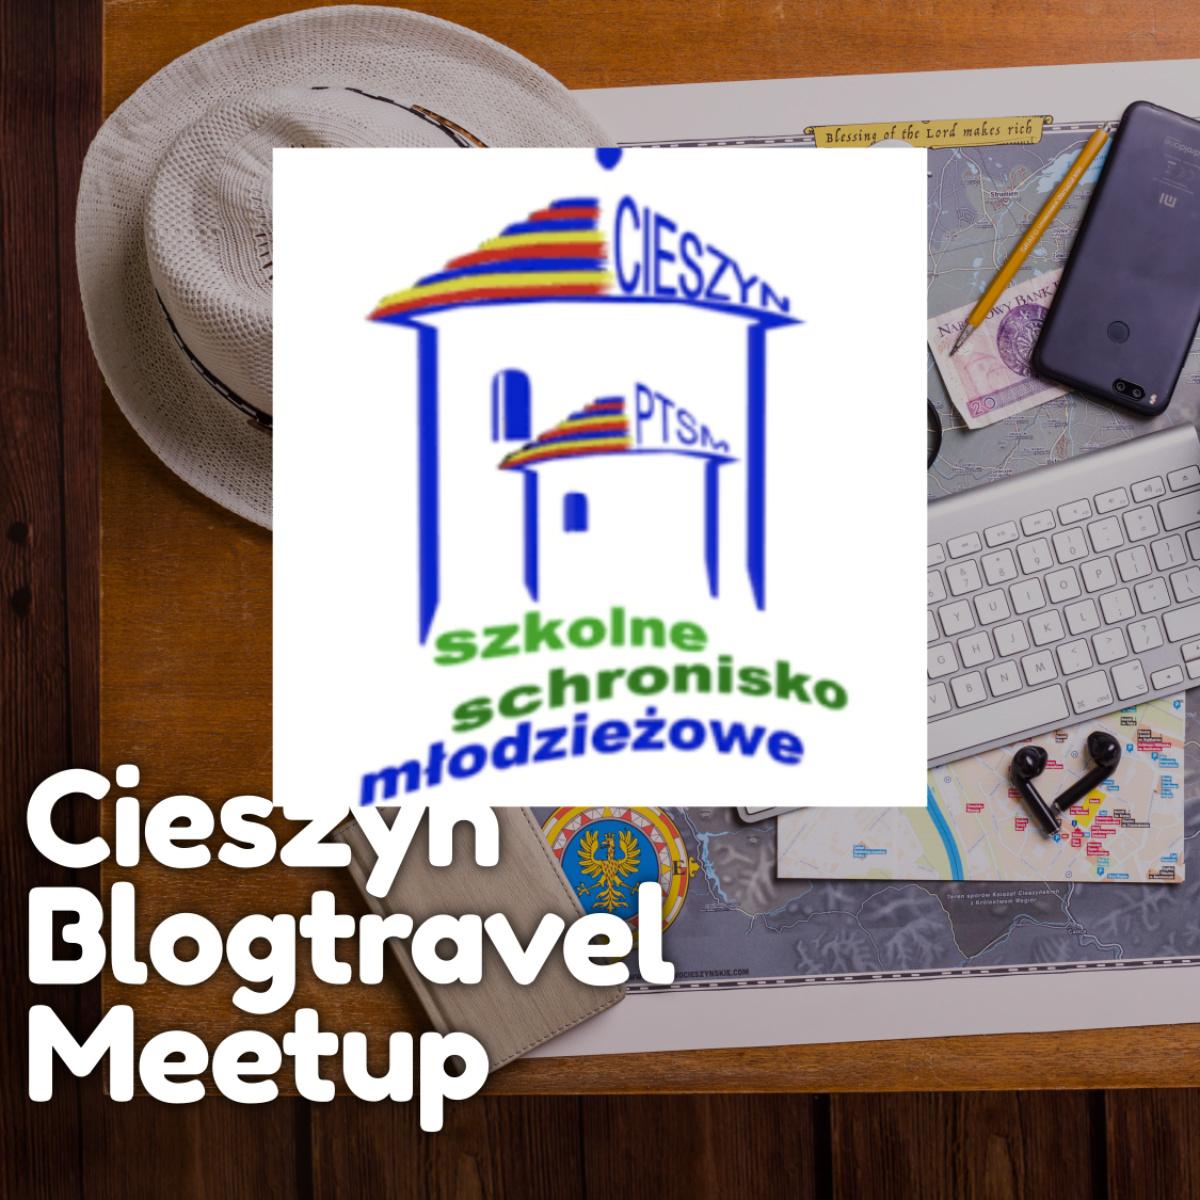 Blogtravel Meetup - Nocleg w Schronisku Młodzieżowym